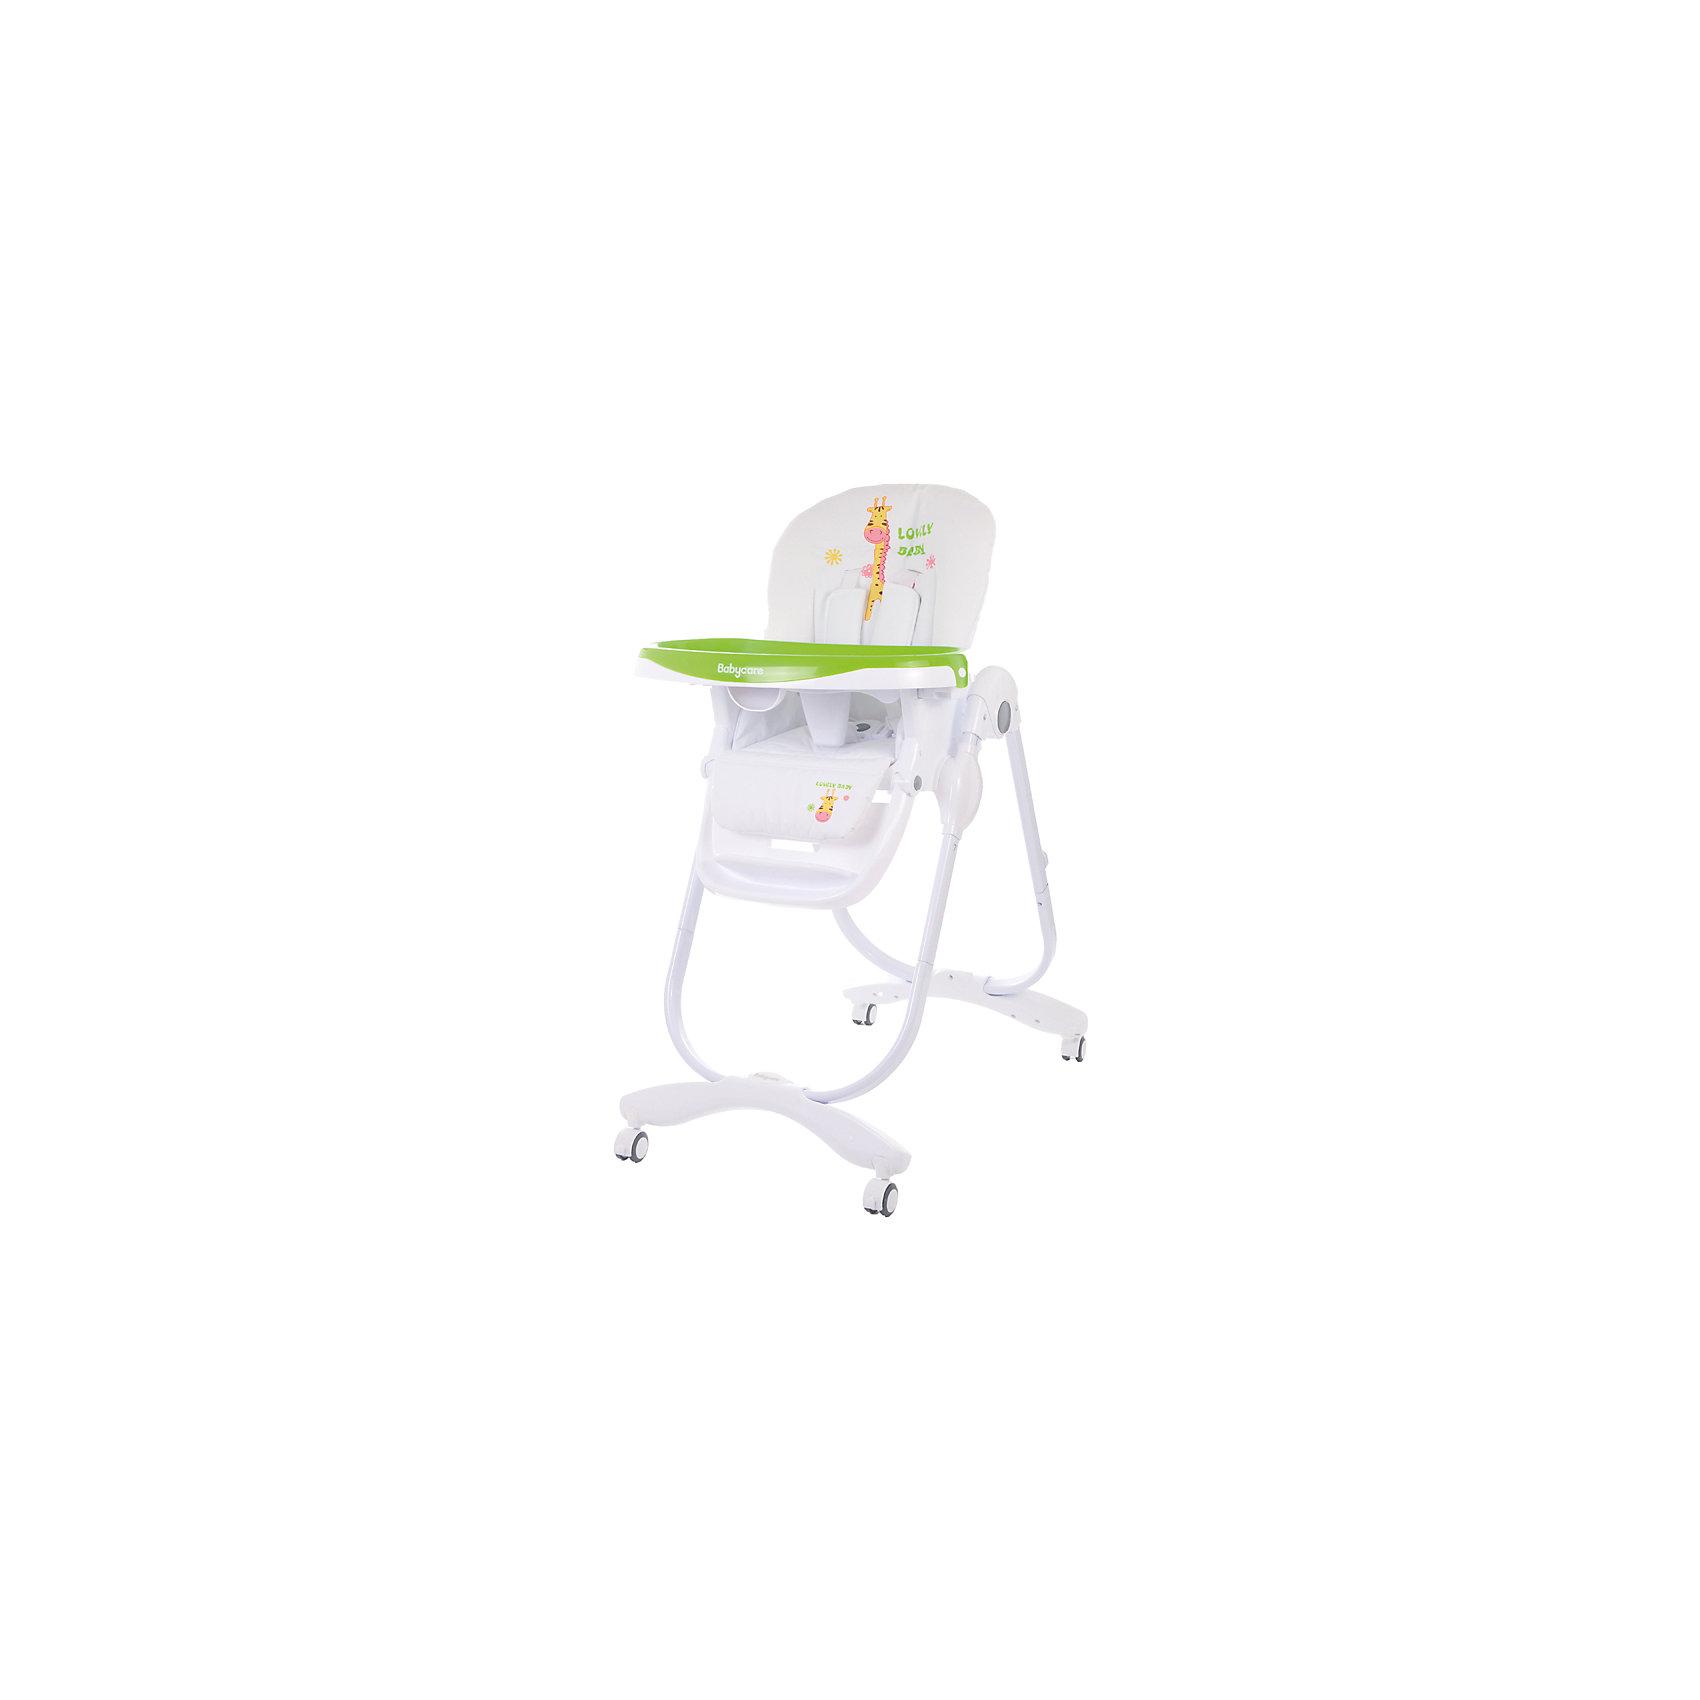 Стульчик для кормления Trona, Baby Care, зеленыйСтульчики для кормления<br>Характеристики детского стульчика для кормления Baby Care Trona:<br><br>• регулируемая высота сиденья: 7 уровней;<br>• регулируемый наклон спинки: 3 положения;<br>• регулируемая подножка с мягким основанием, пластиковая нерегулируемая подножка для детей старшего возраста;<br>• наличие 5-ти точечных ремней безопасности с мягкими накладками;<br>• пластиковый ограничитель, защита от соскальзывания;<br>• регулируемая глубина столешницы: 3 положения;<br>• съемная дополнительная столешница, с бортиками и подстаканником, прозрачный пластик;<br>• подставка для ножек;<br>• столик перед ребенком можно снять и убрать;<br>• мягкий чехол, съемный, стирается при температуре 30 градусов;<br>• на задней панели находится сумка-сетка для игрушек;<br>• рама стульчика оснащена колесиками;<br>• компактно складывается, устойчиво стоит в сложенном виде;<br>• материал: алюминий, пластик, полиэстер. <br><br>Пластиковый стульчик Trona Baby Care используется от полугода до 5 лет, в зависимости от возраста и роста малыша регулируется высота стульчика, угол наклона спинки, глубина столешницы, наличие/отсутствие столика перед ребенком. Стульчик компактно складывается, не занимает много места в сложенном виде. <br><br>Размеры стульчика Trona:<br><br>Размер стульчика в разложенном состоянии: 60х58х110 см<br>Размер стульчика в сложенном состоянии: 58х32х100 см<br>Ширина сиденья: 33 см<br>Вес стульчика: 9.6 кг<br>Размер упаковки: 60х32х55 см;<br>Вес в упаковке: 10,8 кг<br><br>Стульчик для кормления Trona, Baby Care, зеленый можно купить в нашем интернет-магазине.<br><br>Ширина мм: 600<br>Глубина мм: 550<br>Высота мм: 320<br>Вес г: 10800<br>Цвет: зеленый<br>Возраст от месяцев: 6<br>Возраст до месяцев: 60<br>Пол: Унисекс<br>Возраст: Детский<br>SKU: 4651200